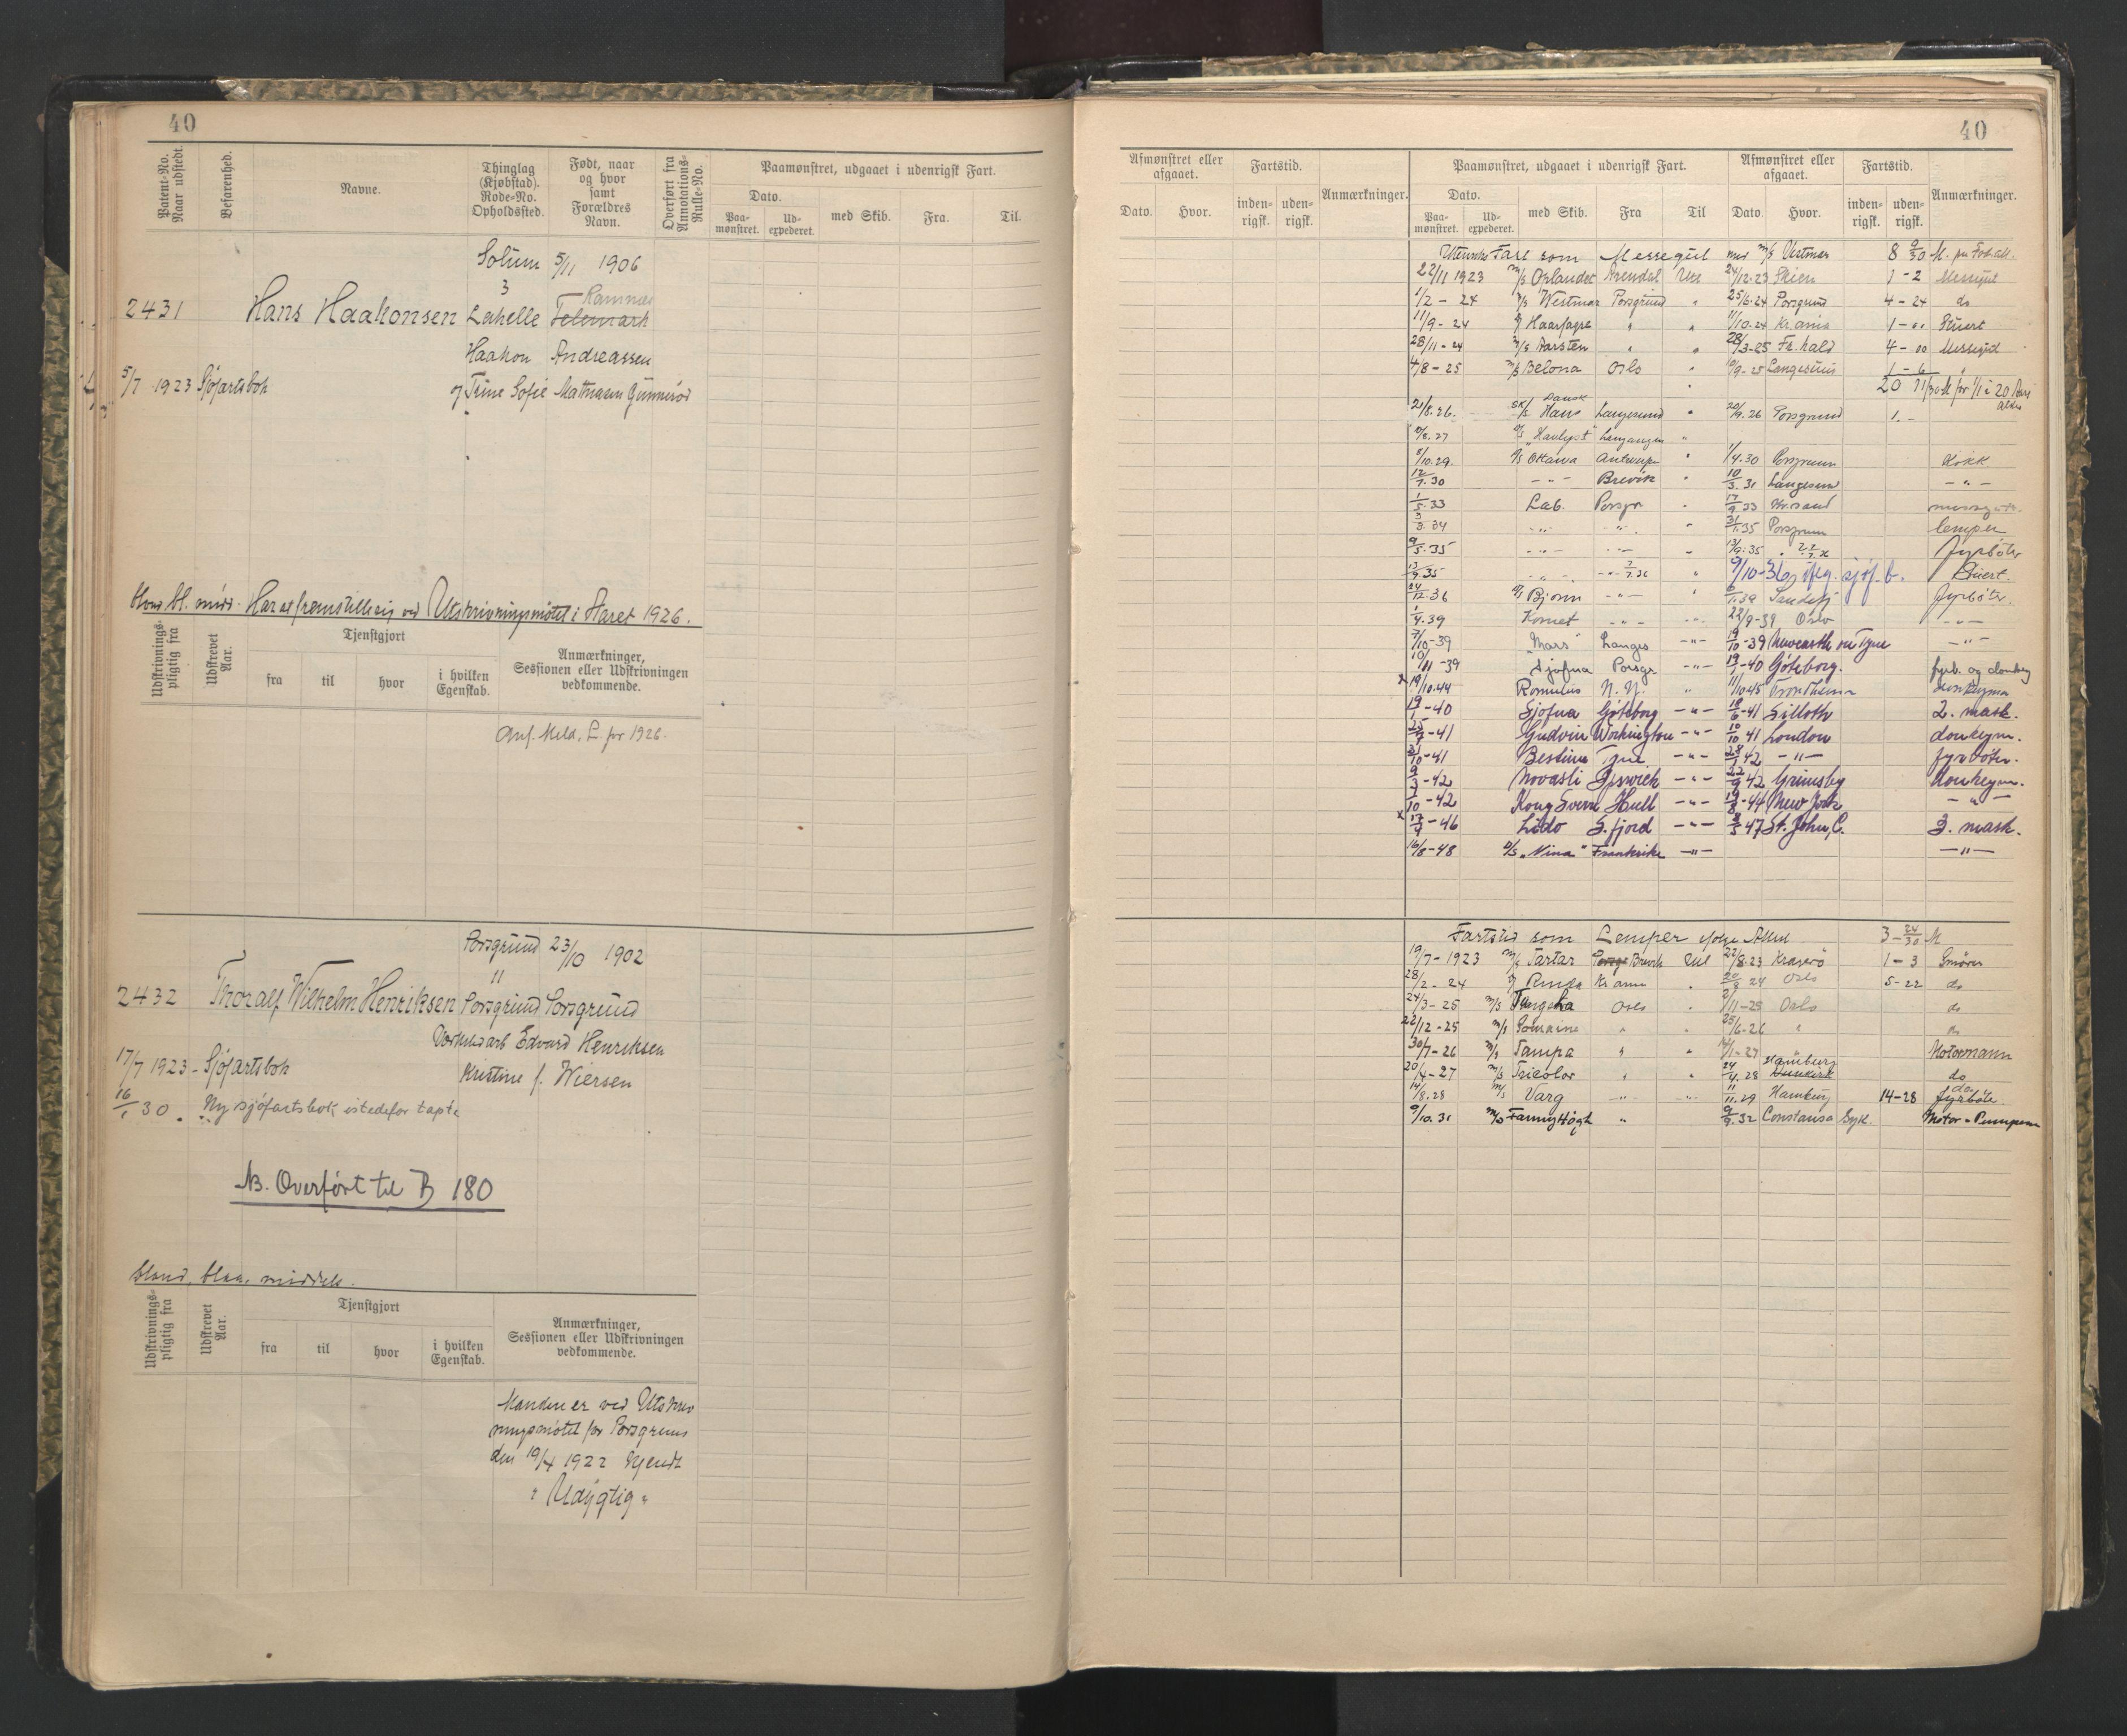 SAKO, Porsgrunn innrulleringskontor, F/Fc/L0009: Hovedrulle, 1920-1948, s. 40